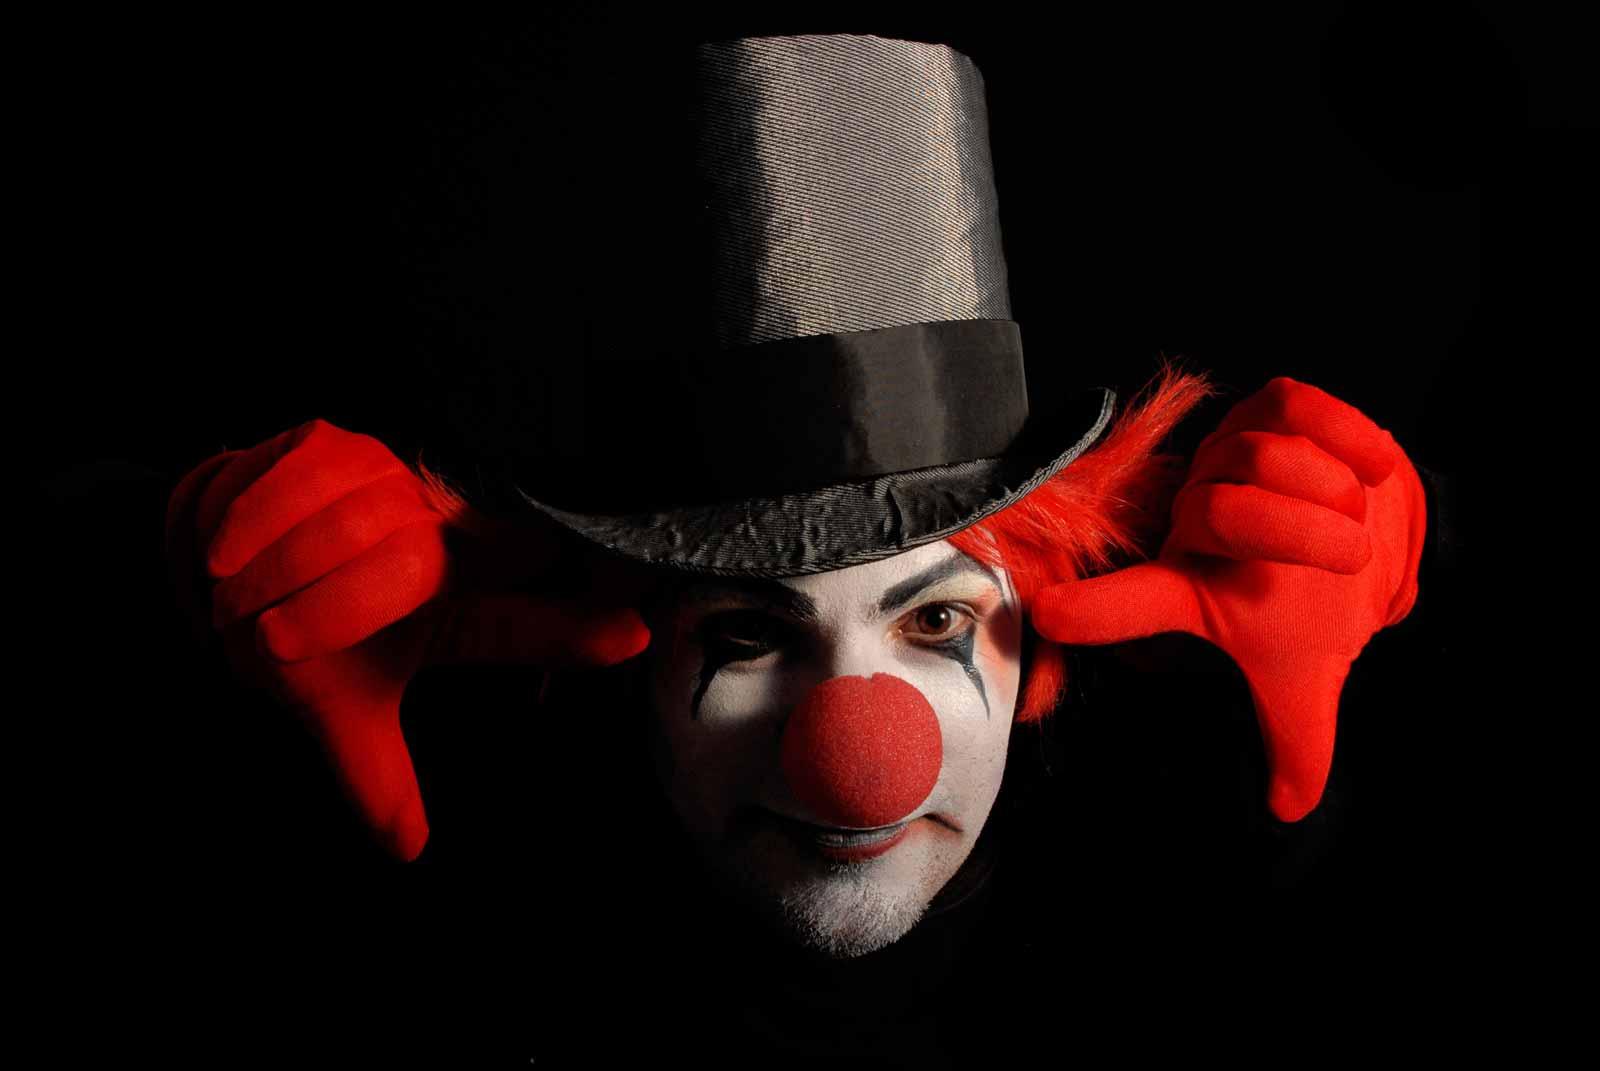 Kostüm Selbermachen – Clowns 6 Accessoires Zum uXZilkTwOP